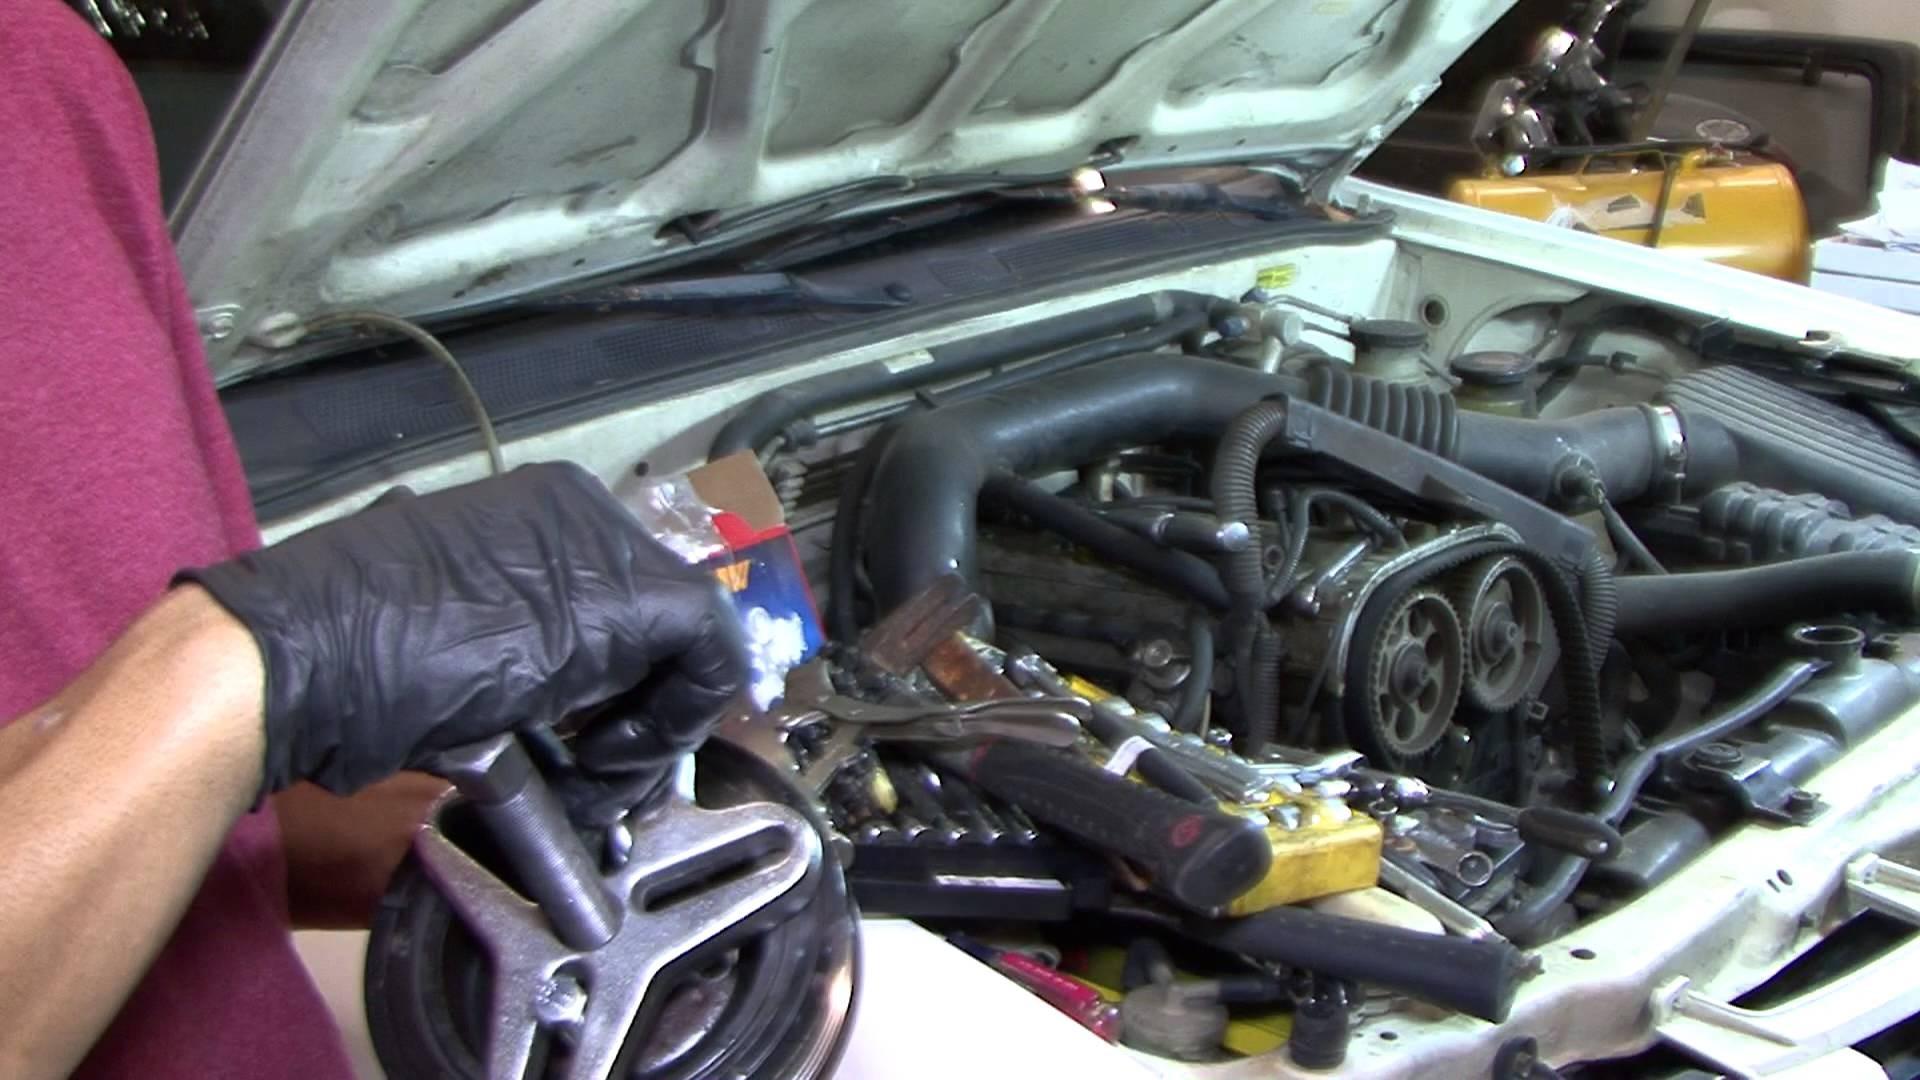 Honda Passport Engine Diagram Isuzu Rodeo Pulley Removal For Timing Of Honda Passport Engine Diagram